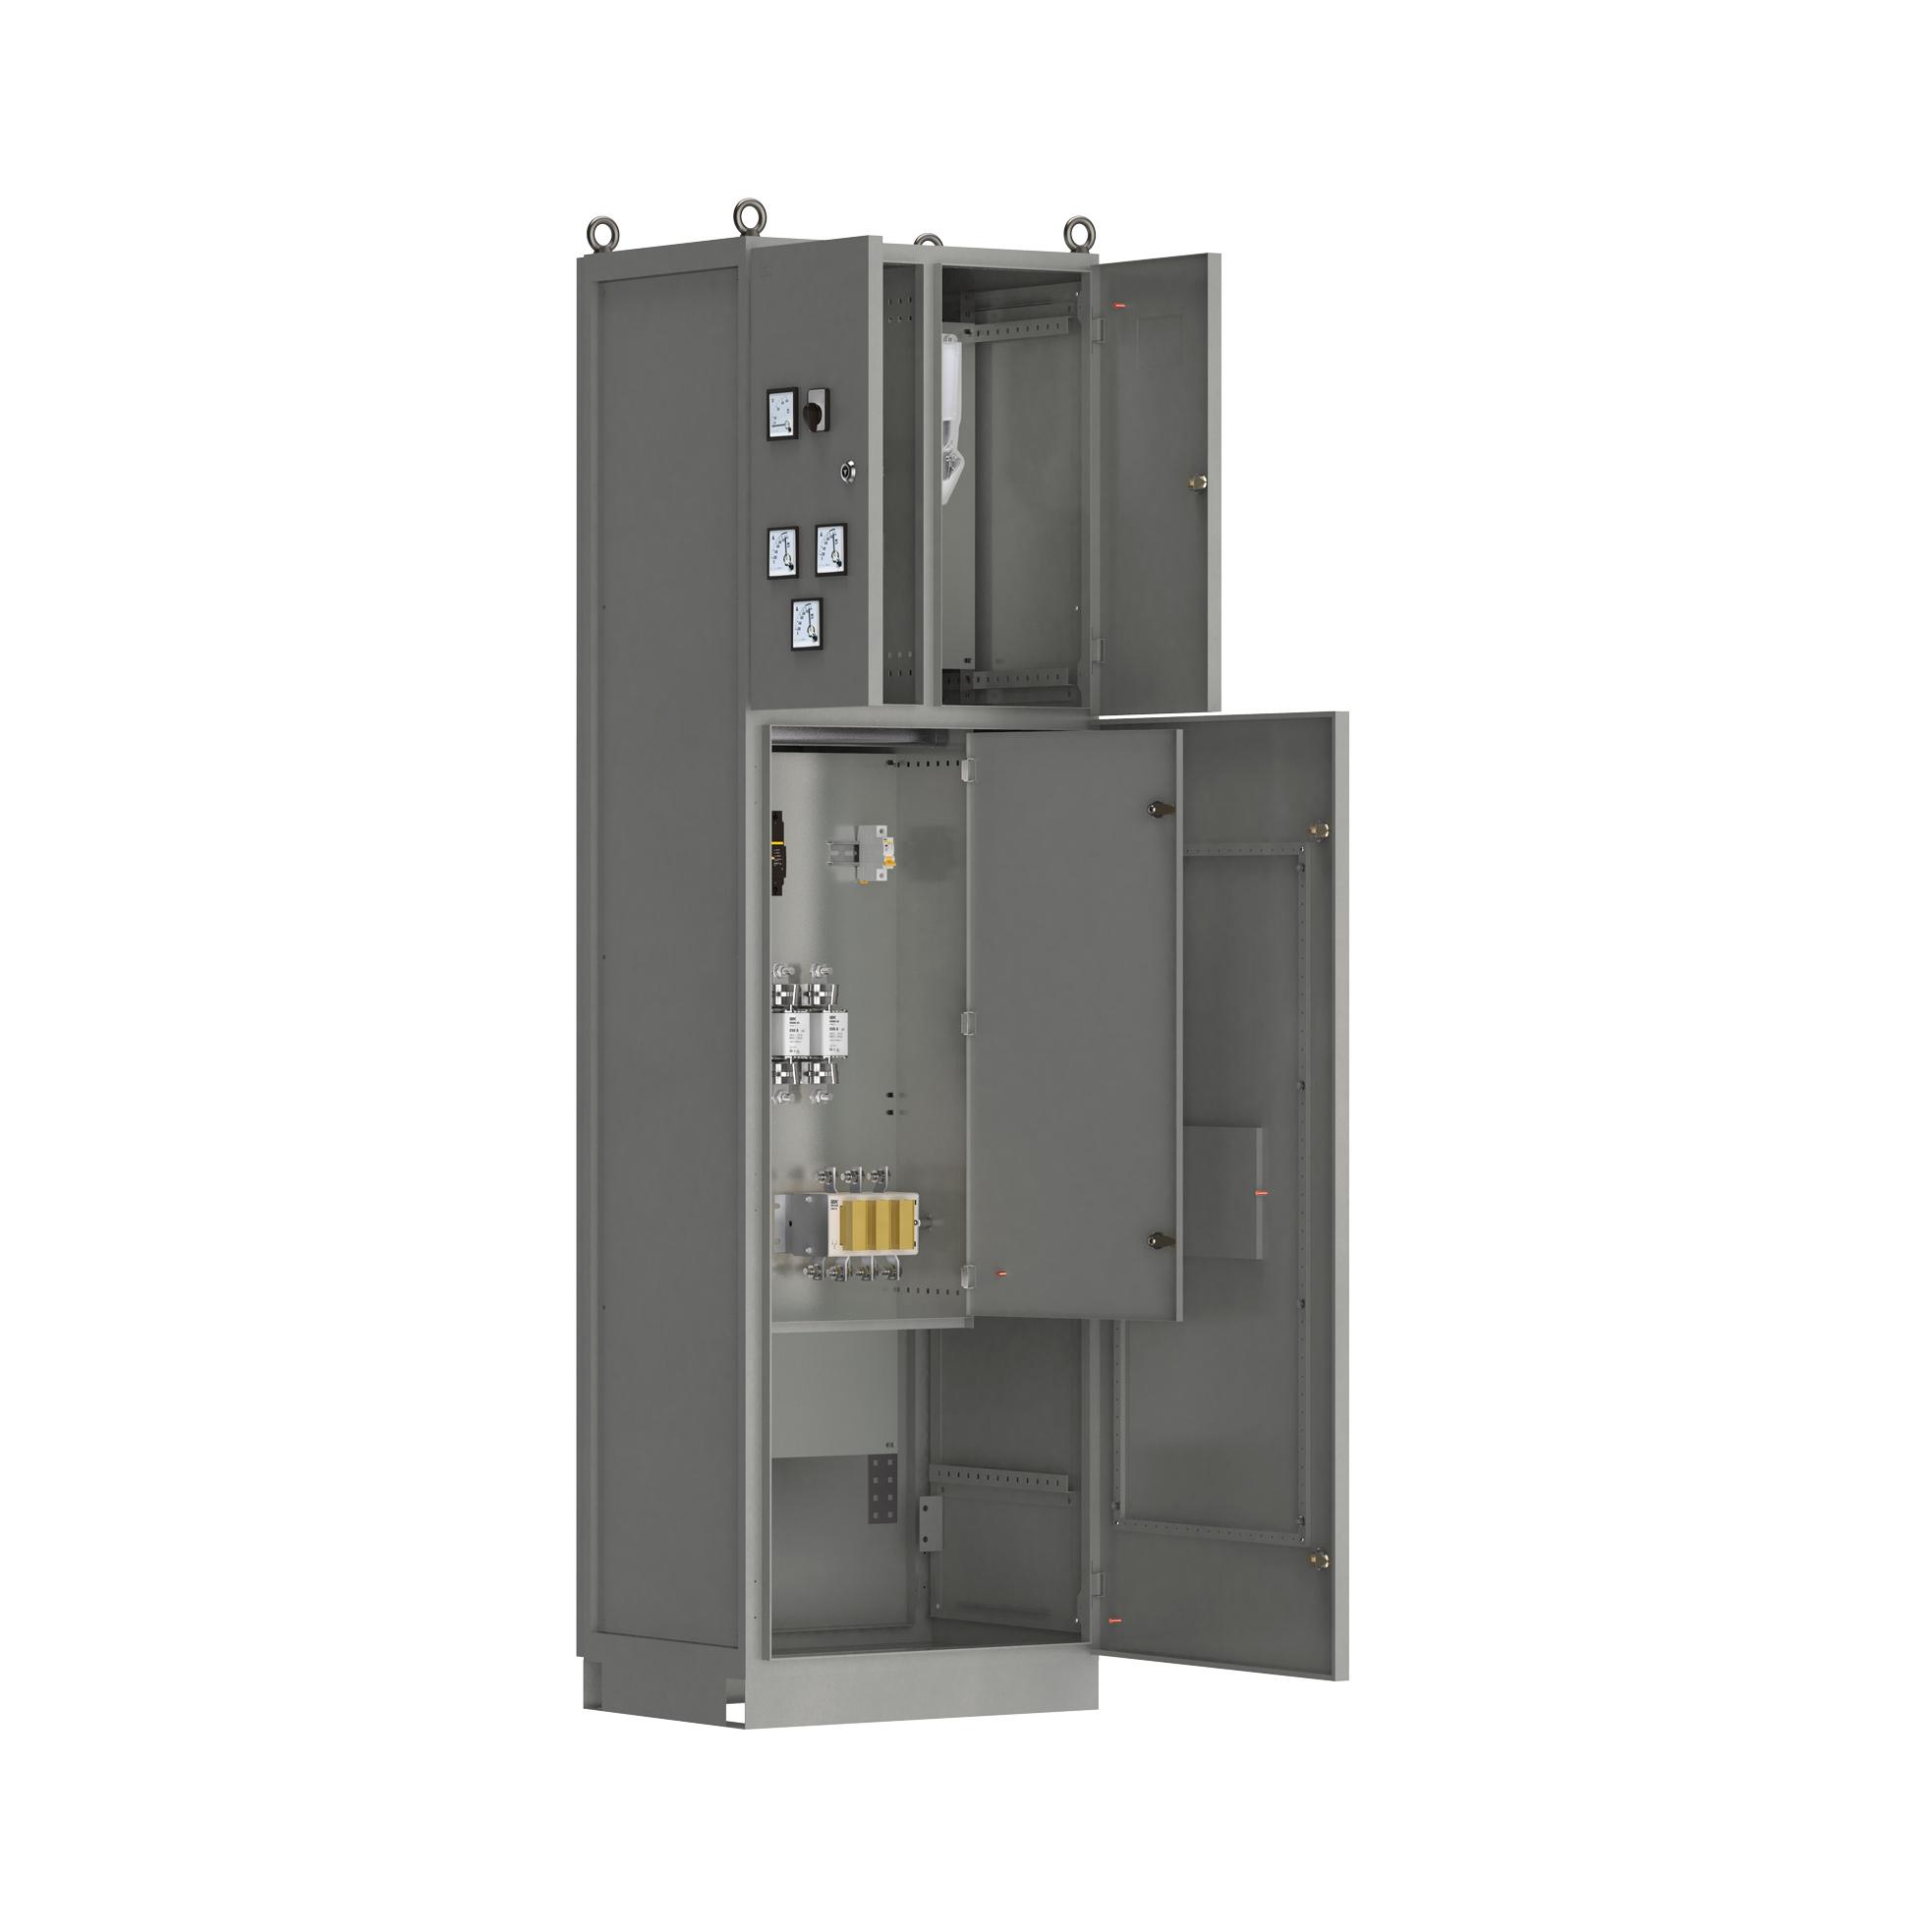 Панель вводная ВРУ-8503 МУ 2ВП-6-25-1-30 рубильник 1х250А плавкие вставки 3х250А выключатели автоматические 1Р 1х6А 3Р 1х125А и учет IEK